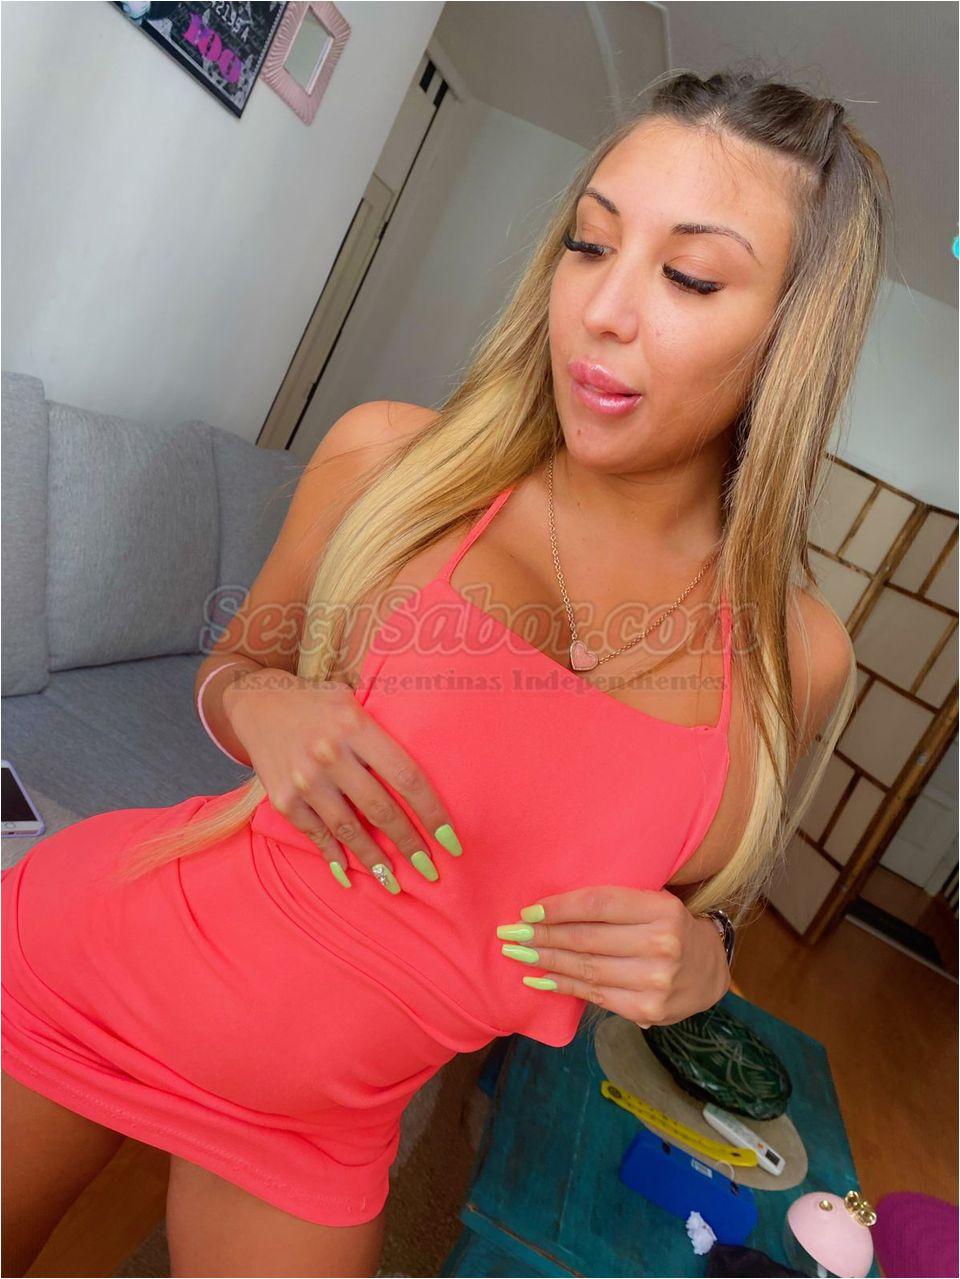 Luisana 15-5041-6364